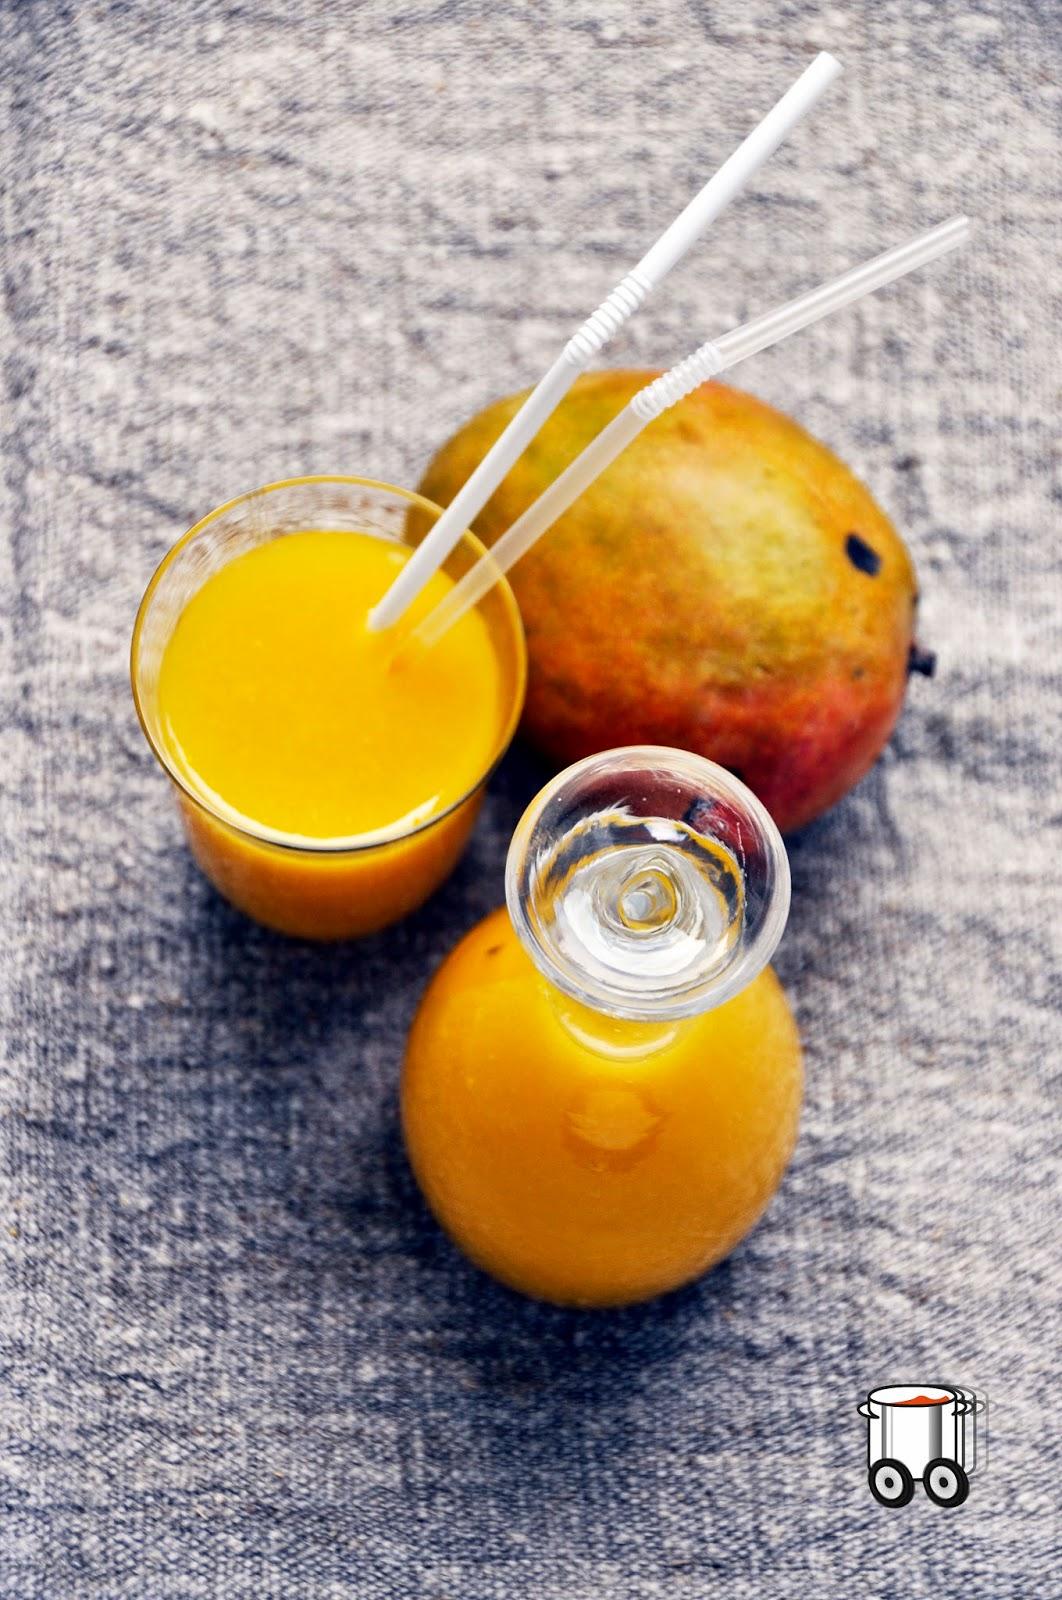 Szybko Tanio Smacznie - Smoothie melon miodowy - mango